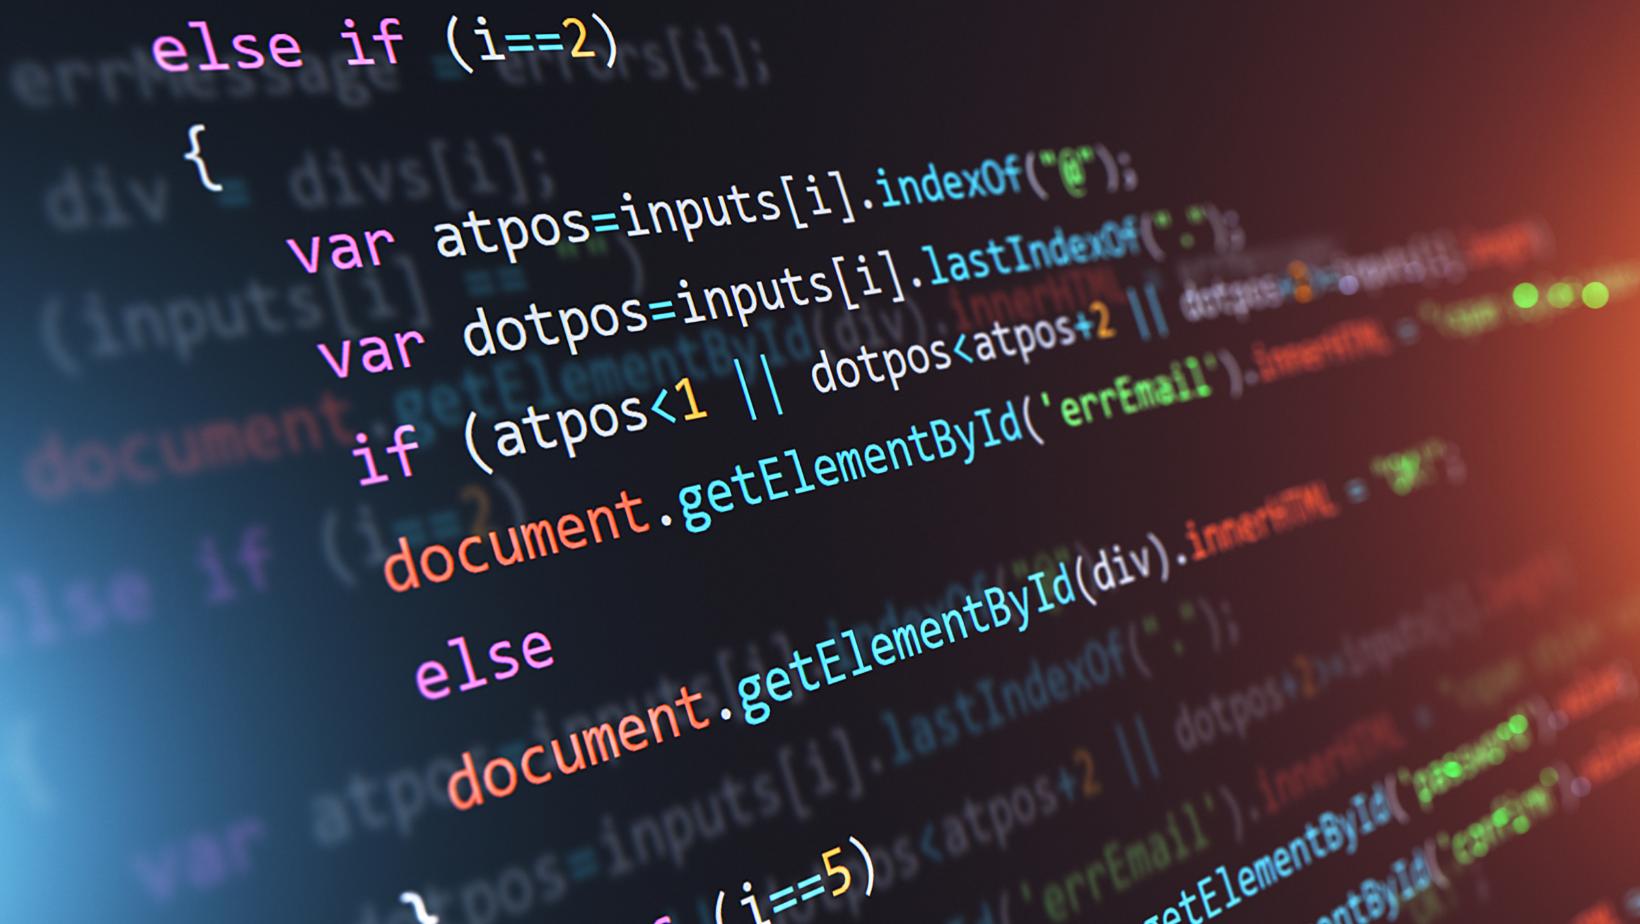 ¿Qué es Apache? Descripción completa del servidor web Apache